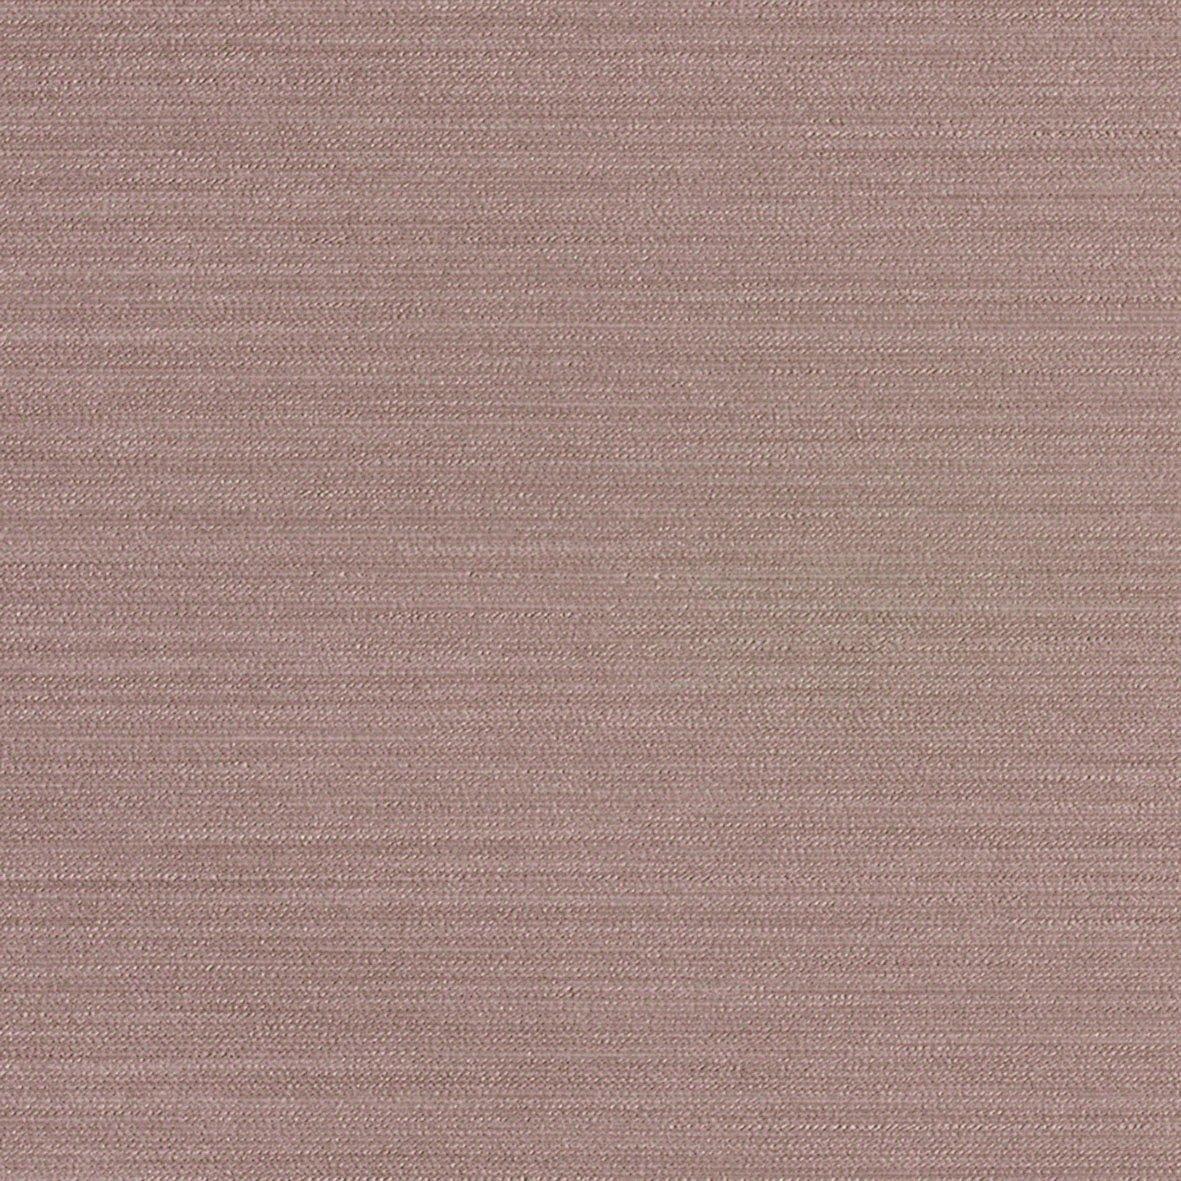 リリカラ 壁紙39m シンフル 無地 ブラウン LL-8594 B01N3WDSG8 39m|ブラウン